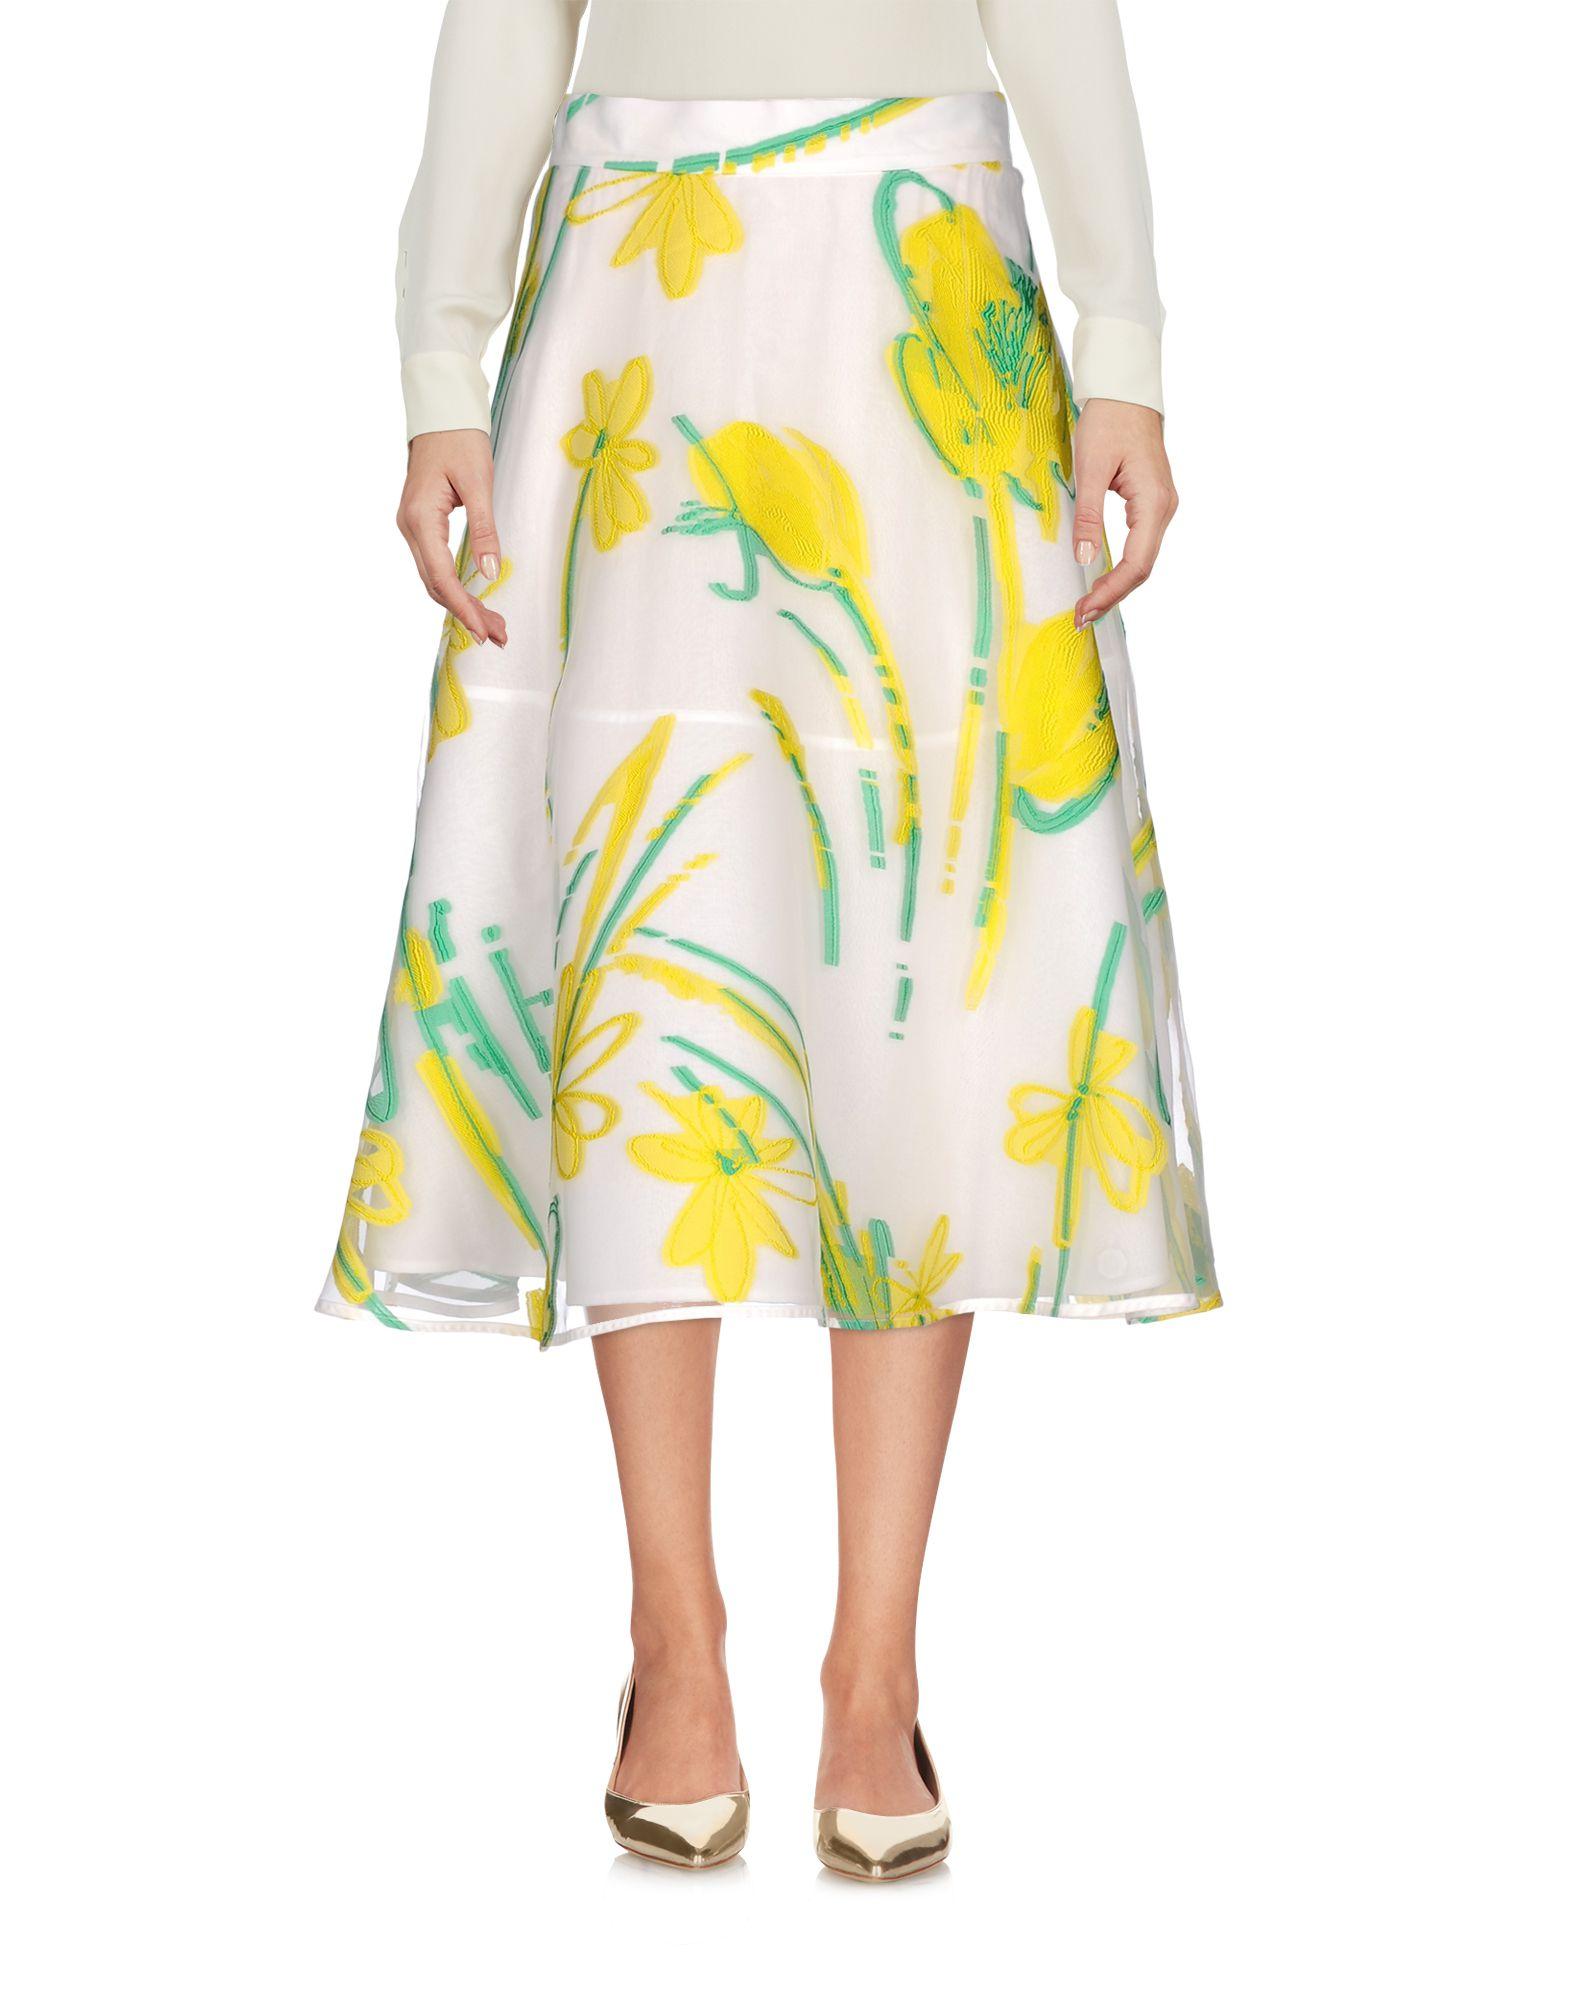 P.A.R.O.S.H. Damen Midirock Farbe Gelb Größe 4 jetztbilligerkaufen